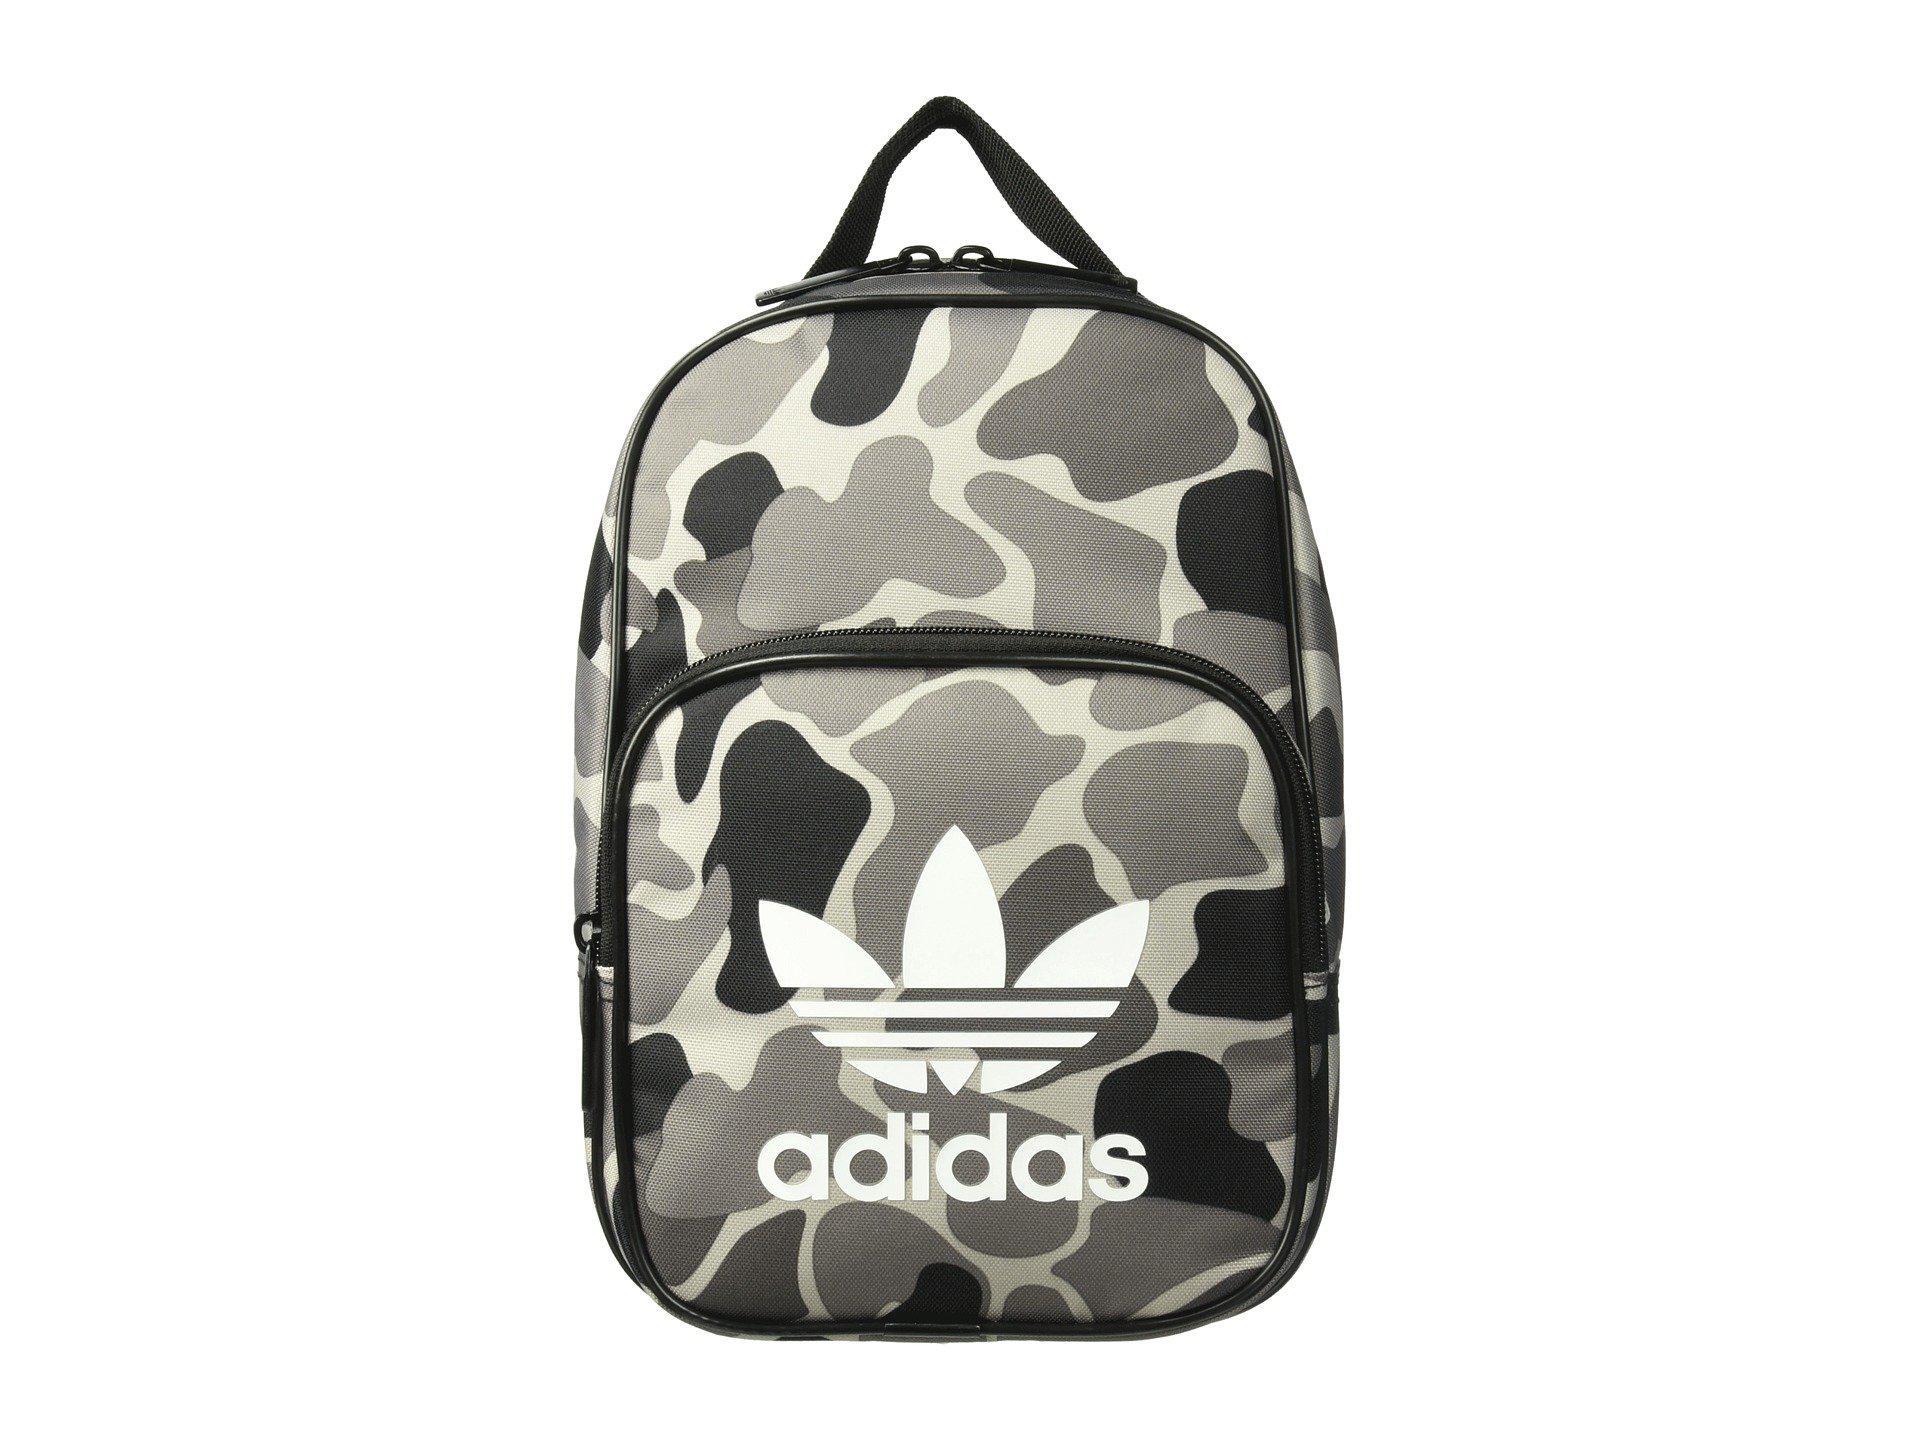 5385b6082e adidas Originals. Women s Originals Santiago Lunch Bag (camo Aop Carbon  black white) Bags